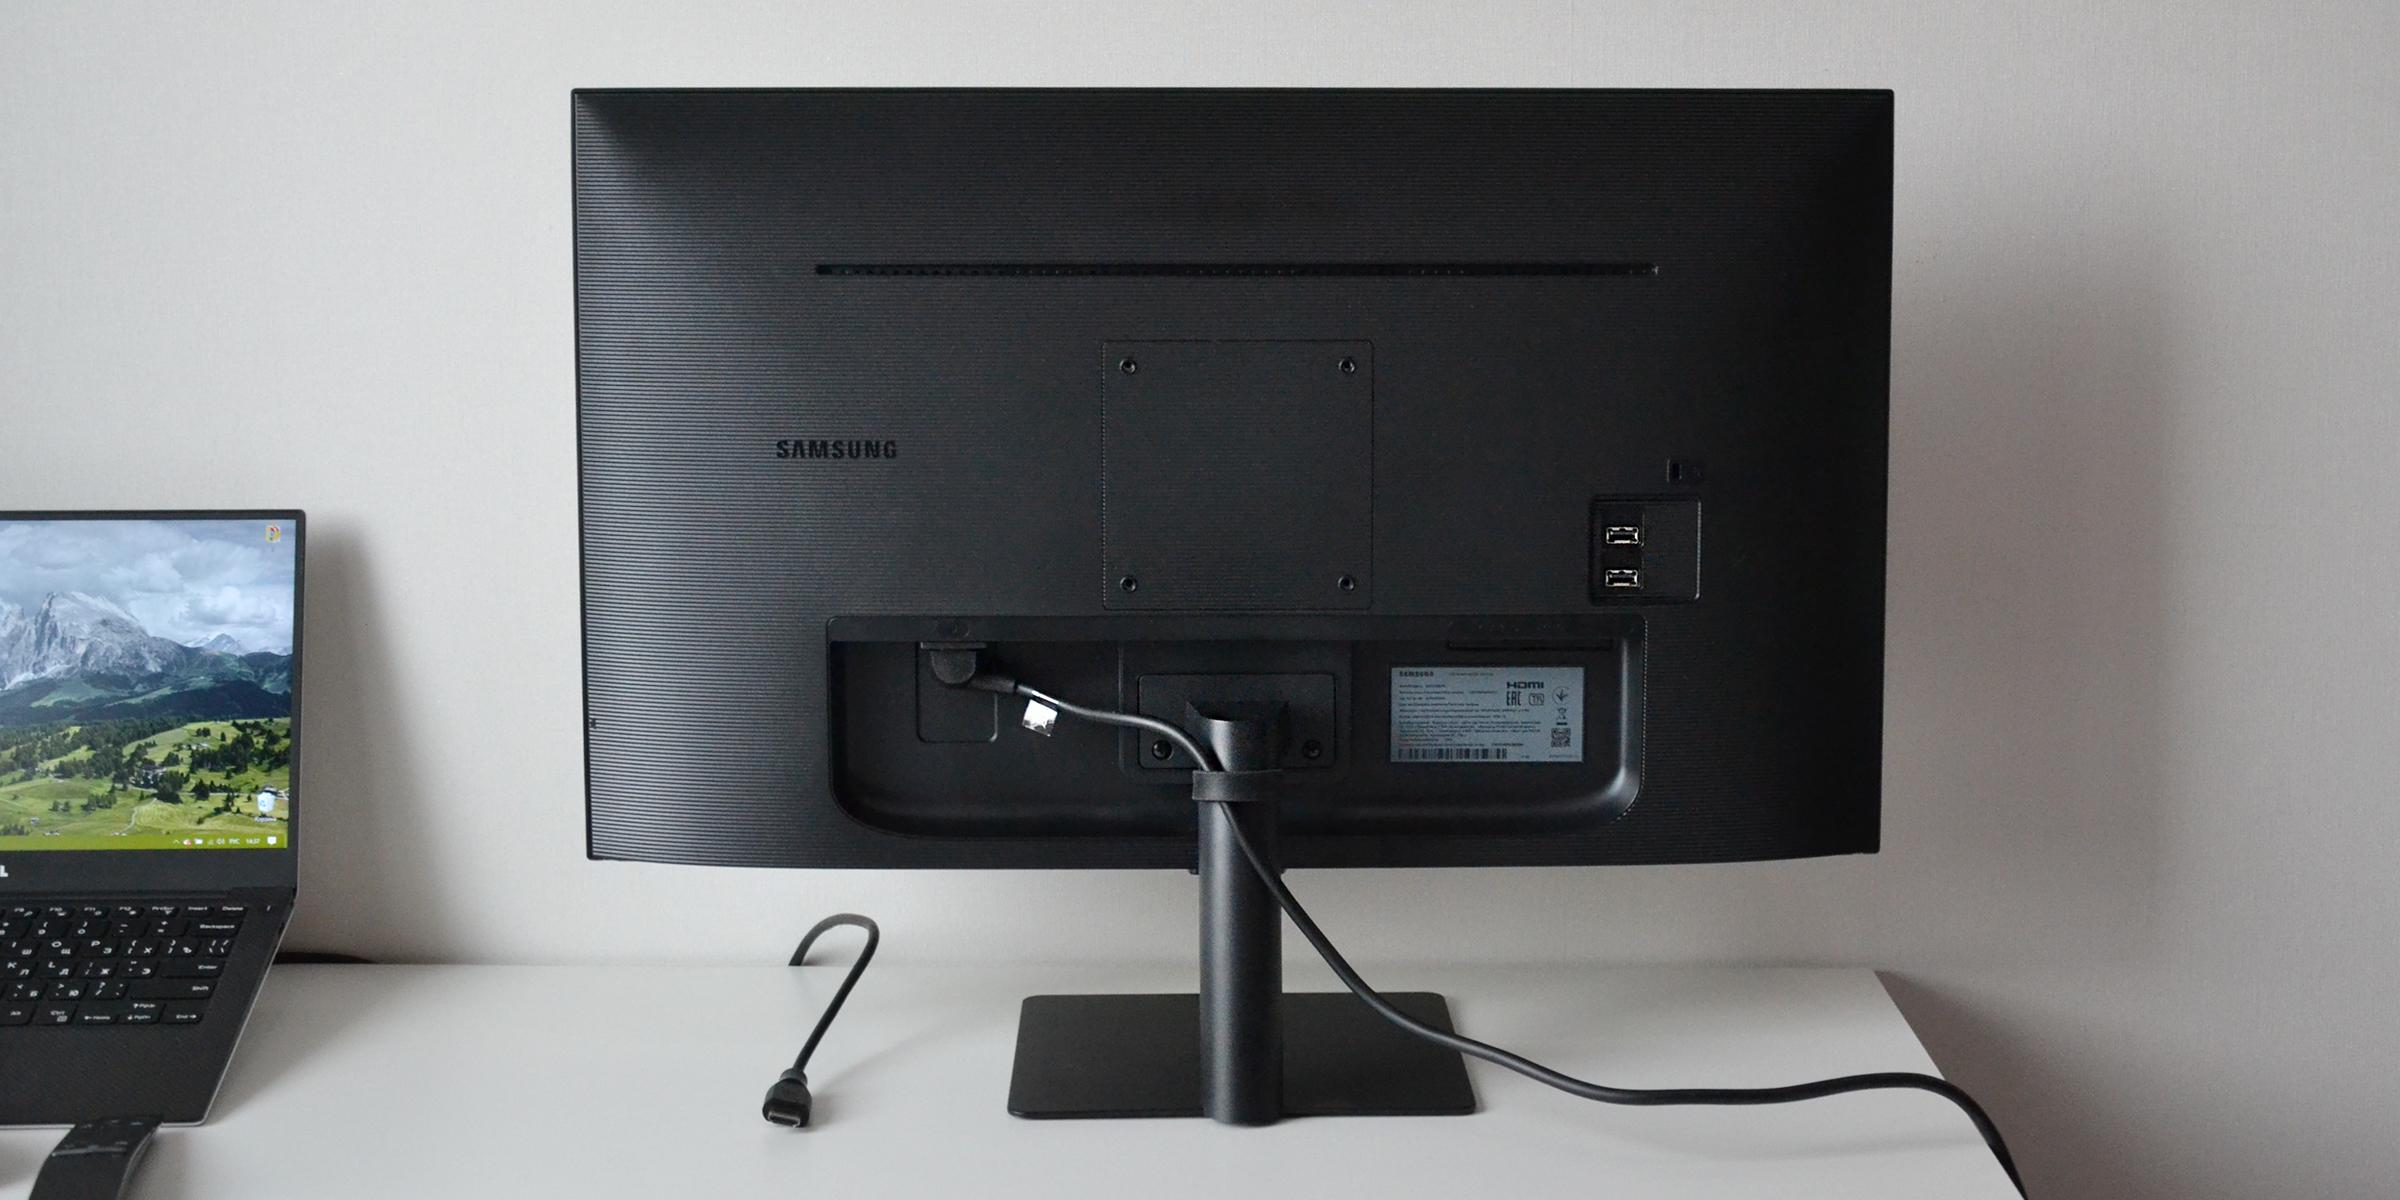 Обзор смарт-монитора Samsung M5: задняя поверхность выполнена из ребристого пластика